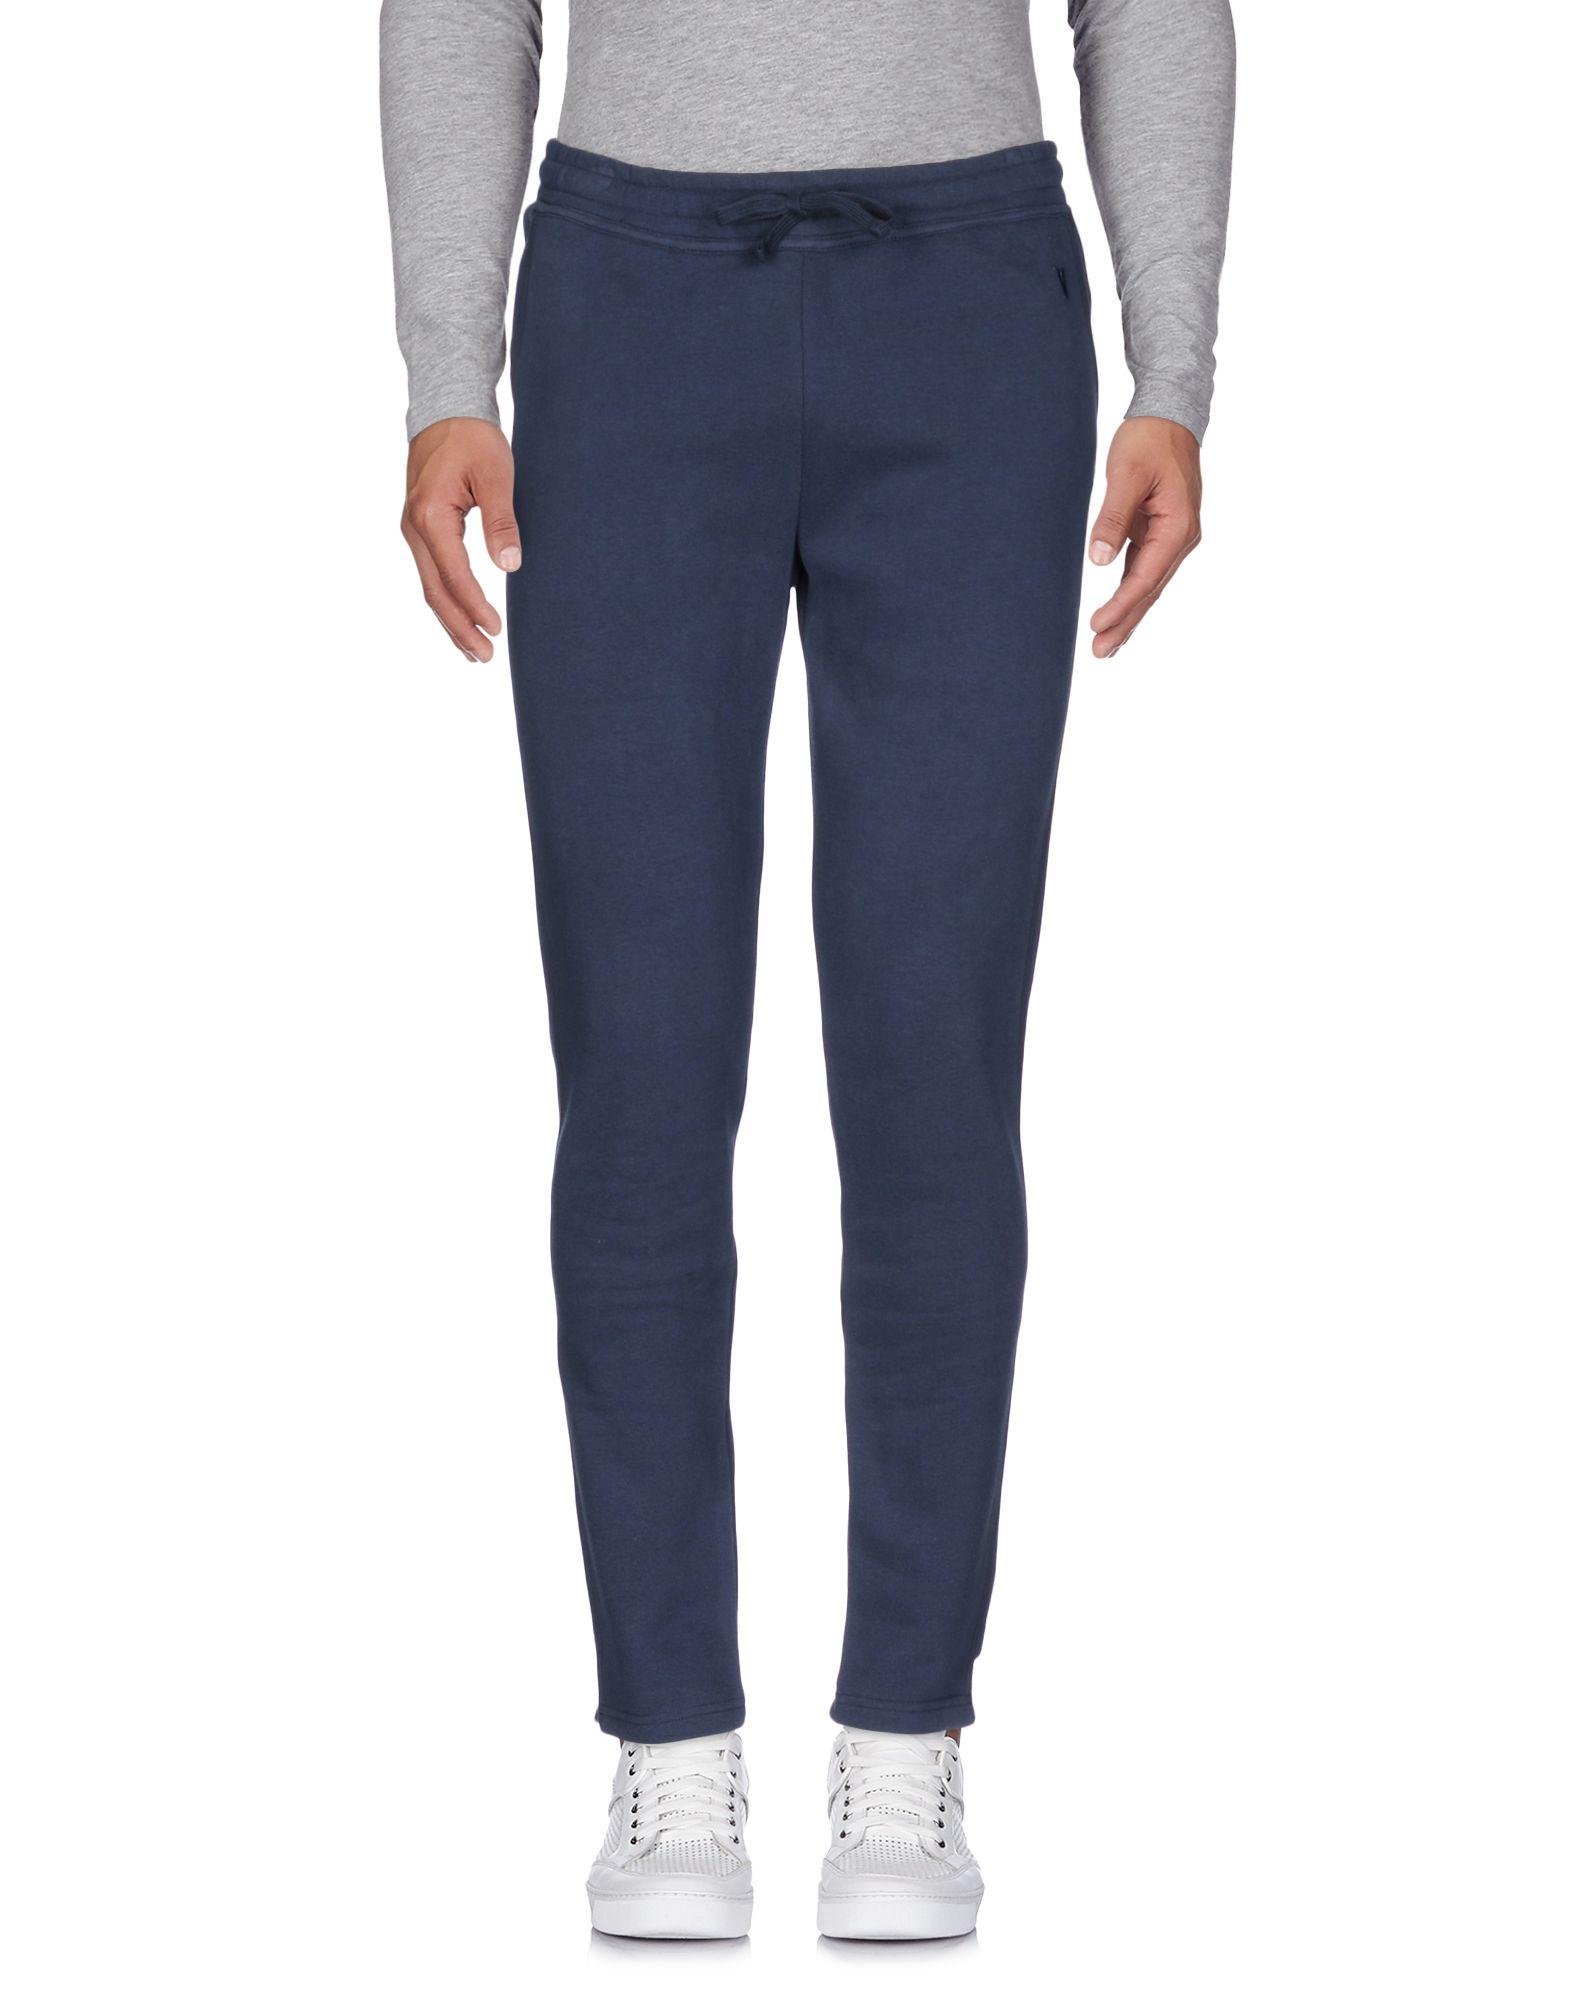 VIRTUS PALESTRE Casual Pants in Dark Blue